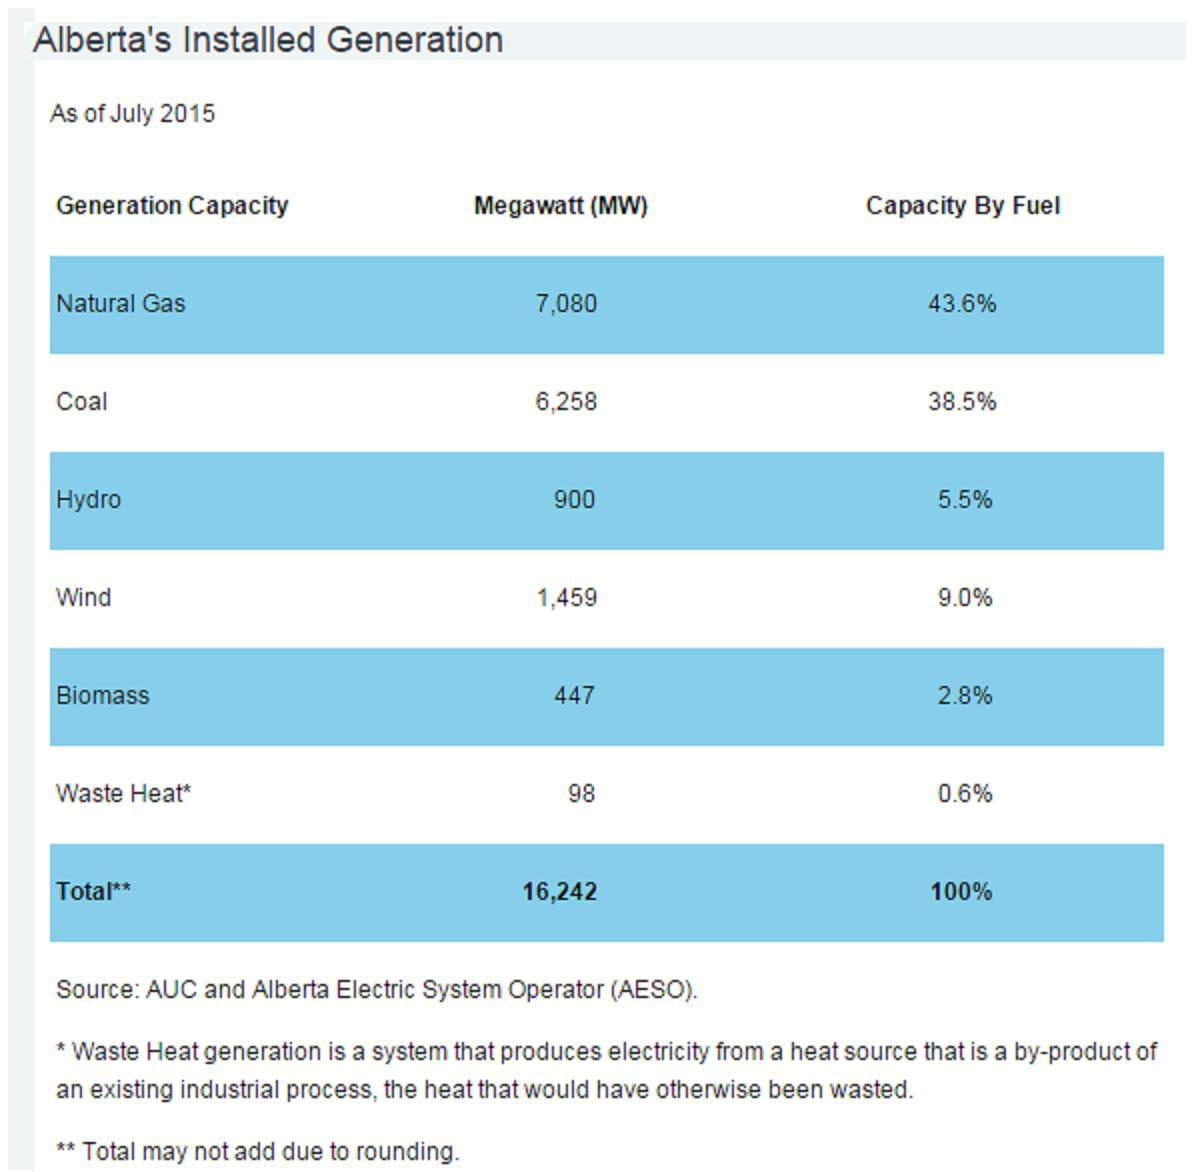 Alberta Energy Sources - 2015